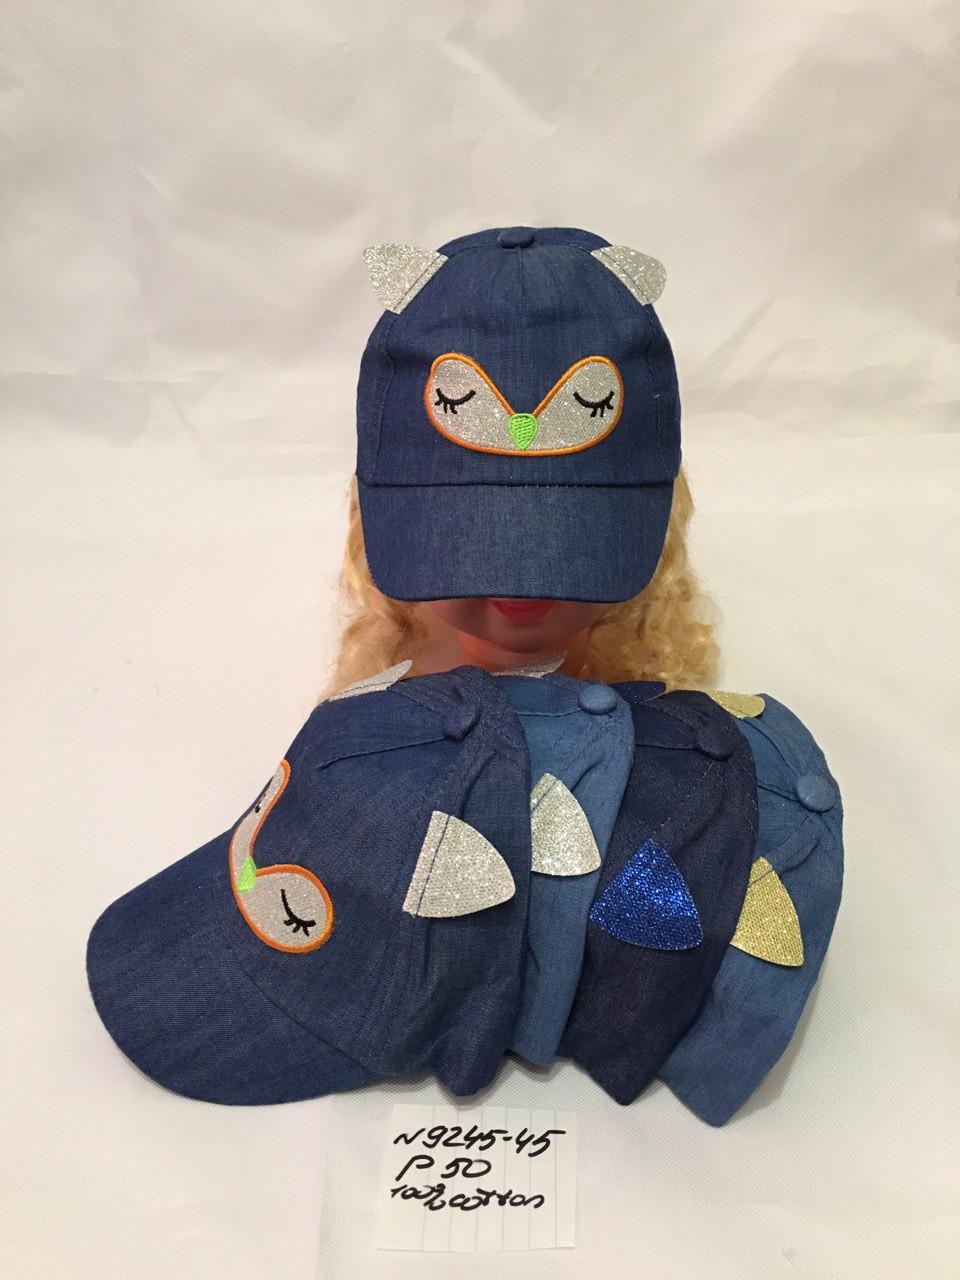 Літня дитяча джинсова кепка з вушками для дівчинки р. 50 100% cotton